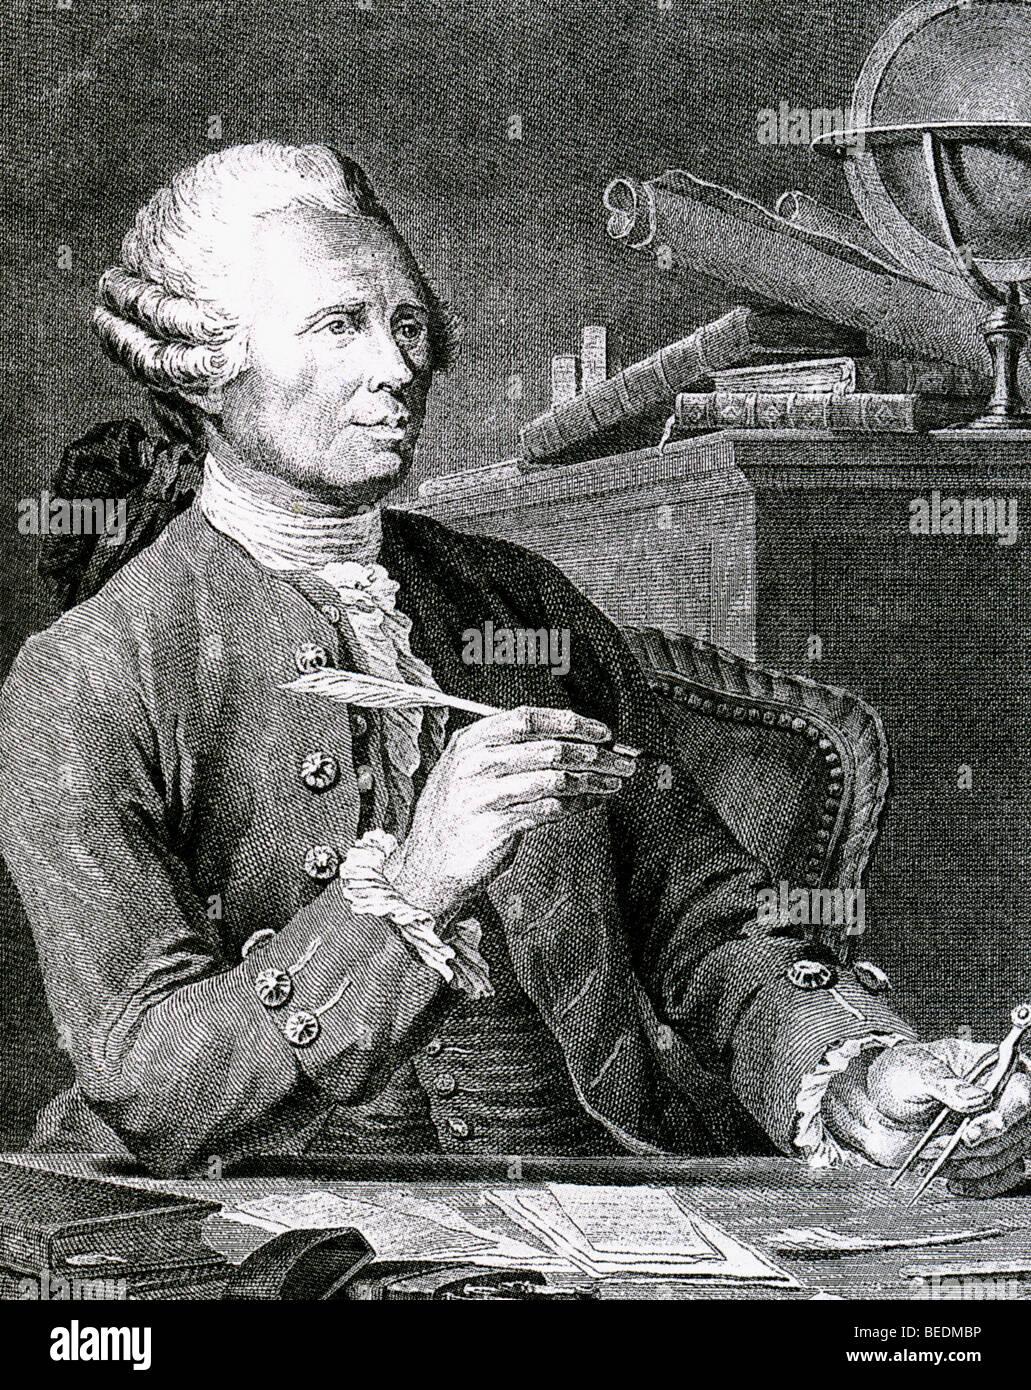 JEAN le rond d'Alembert - Philosophe et physicien français (1717-1783) Photo Stock